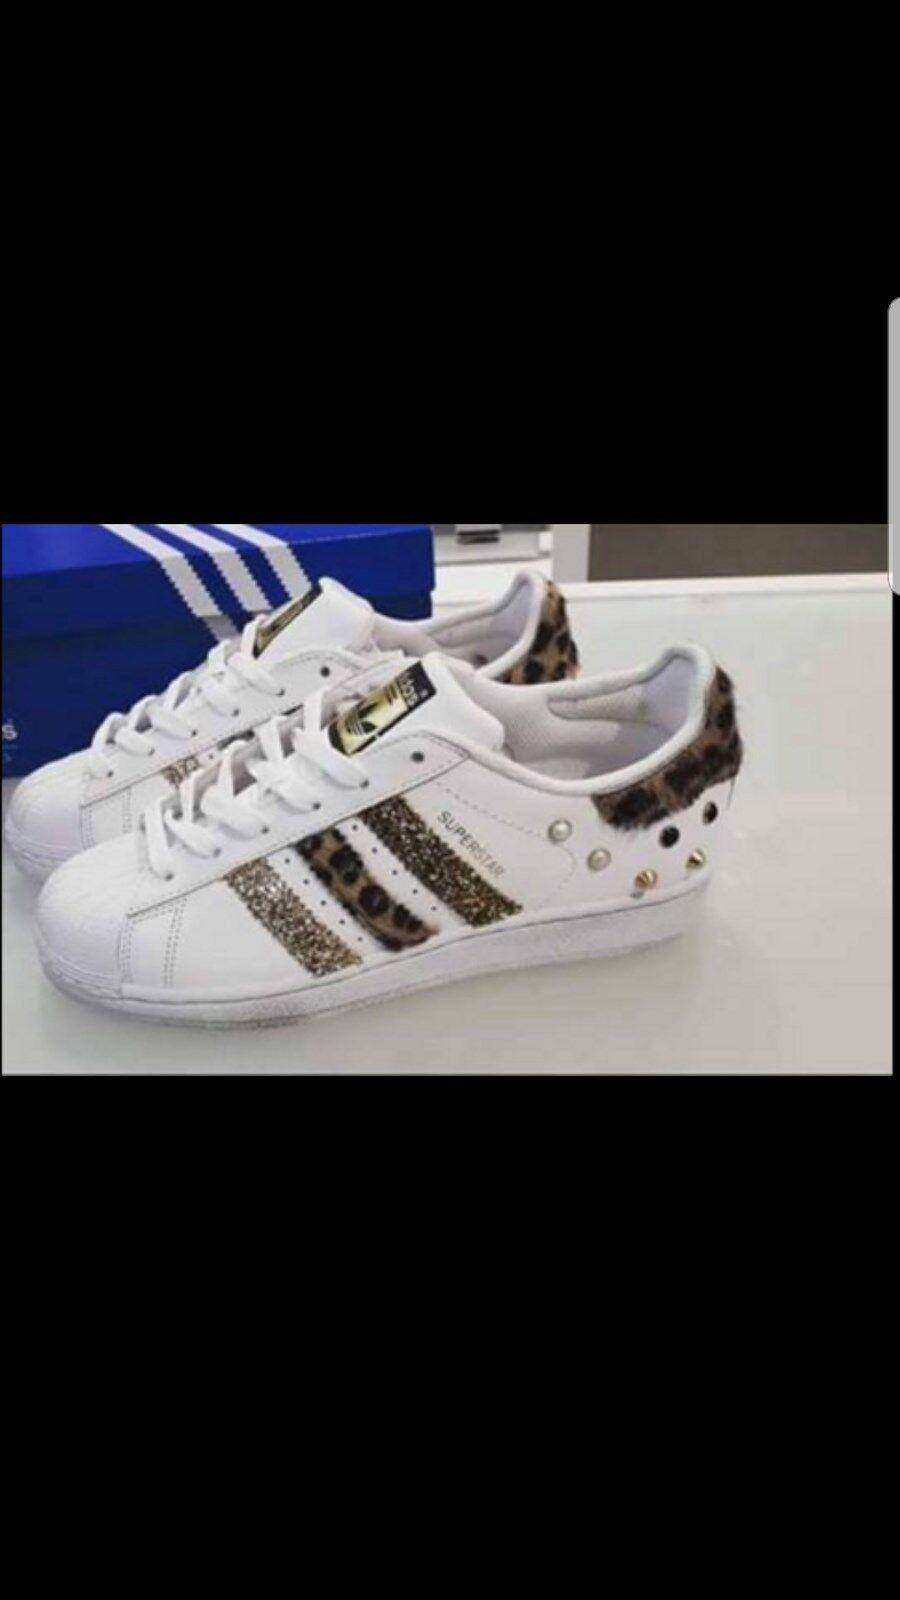 Chaussures adidas super star con tessuto maculato e strisce glitterate e borch-ie